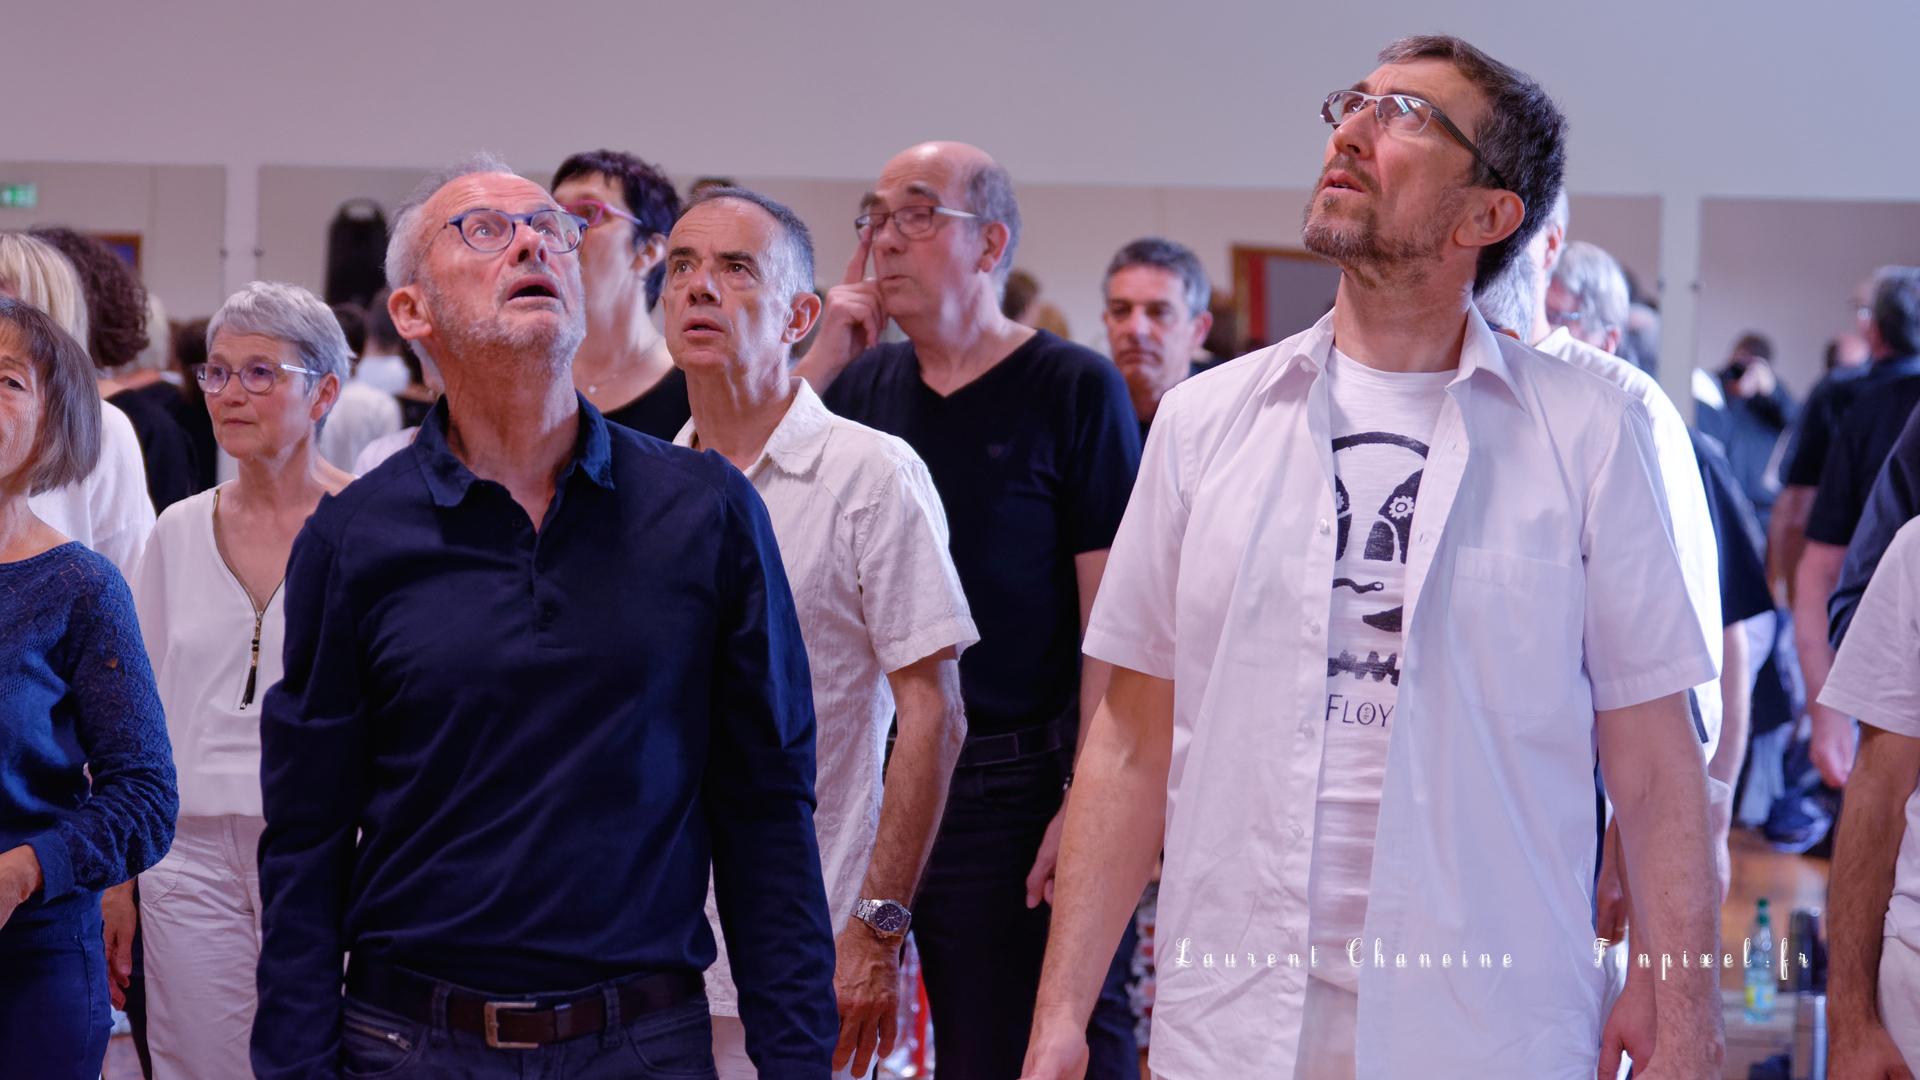 Photo Laurent Chanoine - Journée répétition  (9)